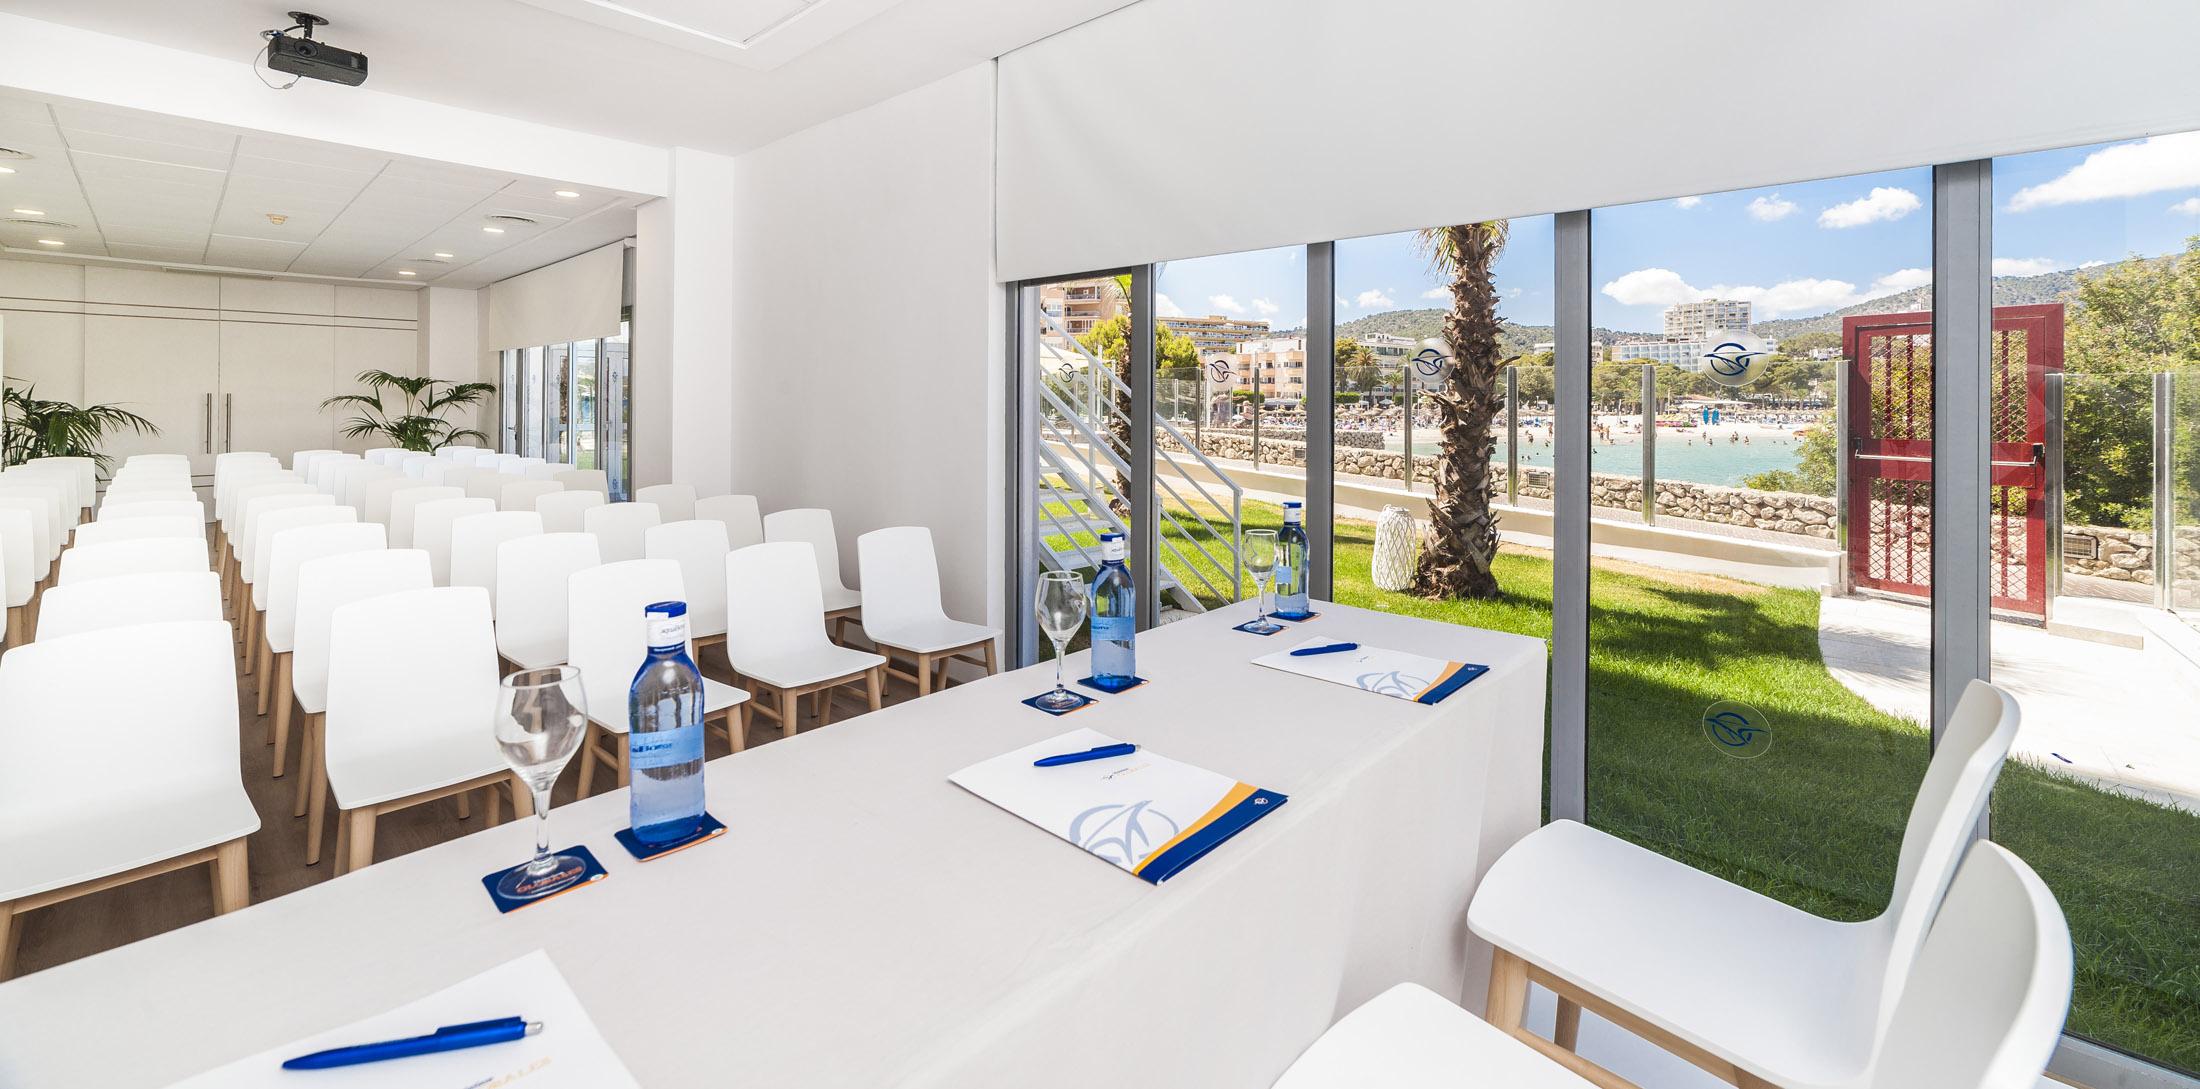 Hoteles con sala de reuniones en Palmanova, Mallorca